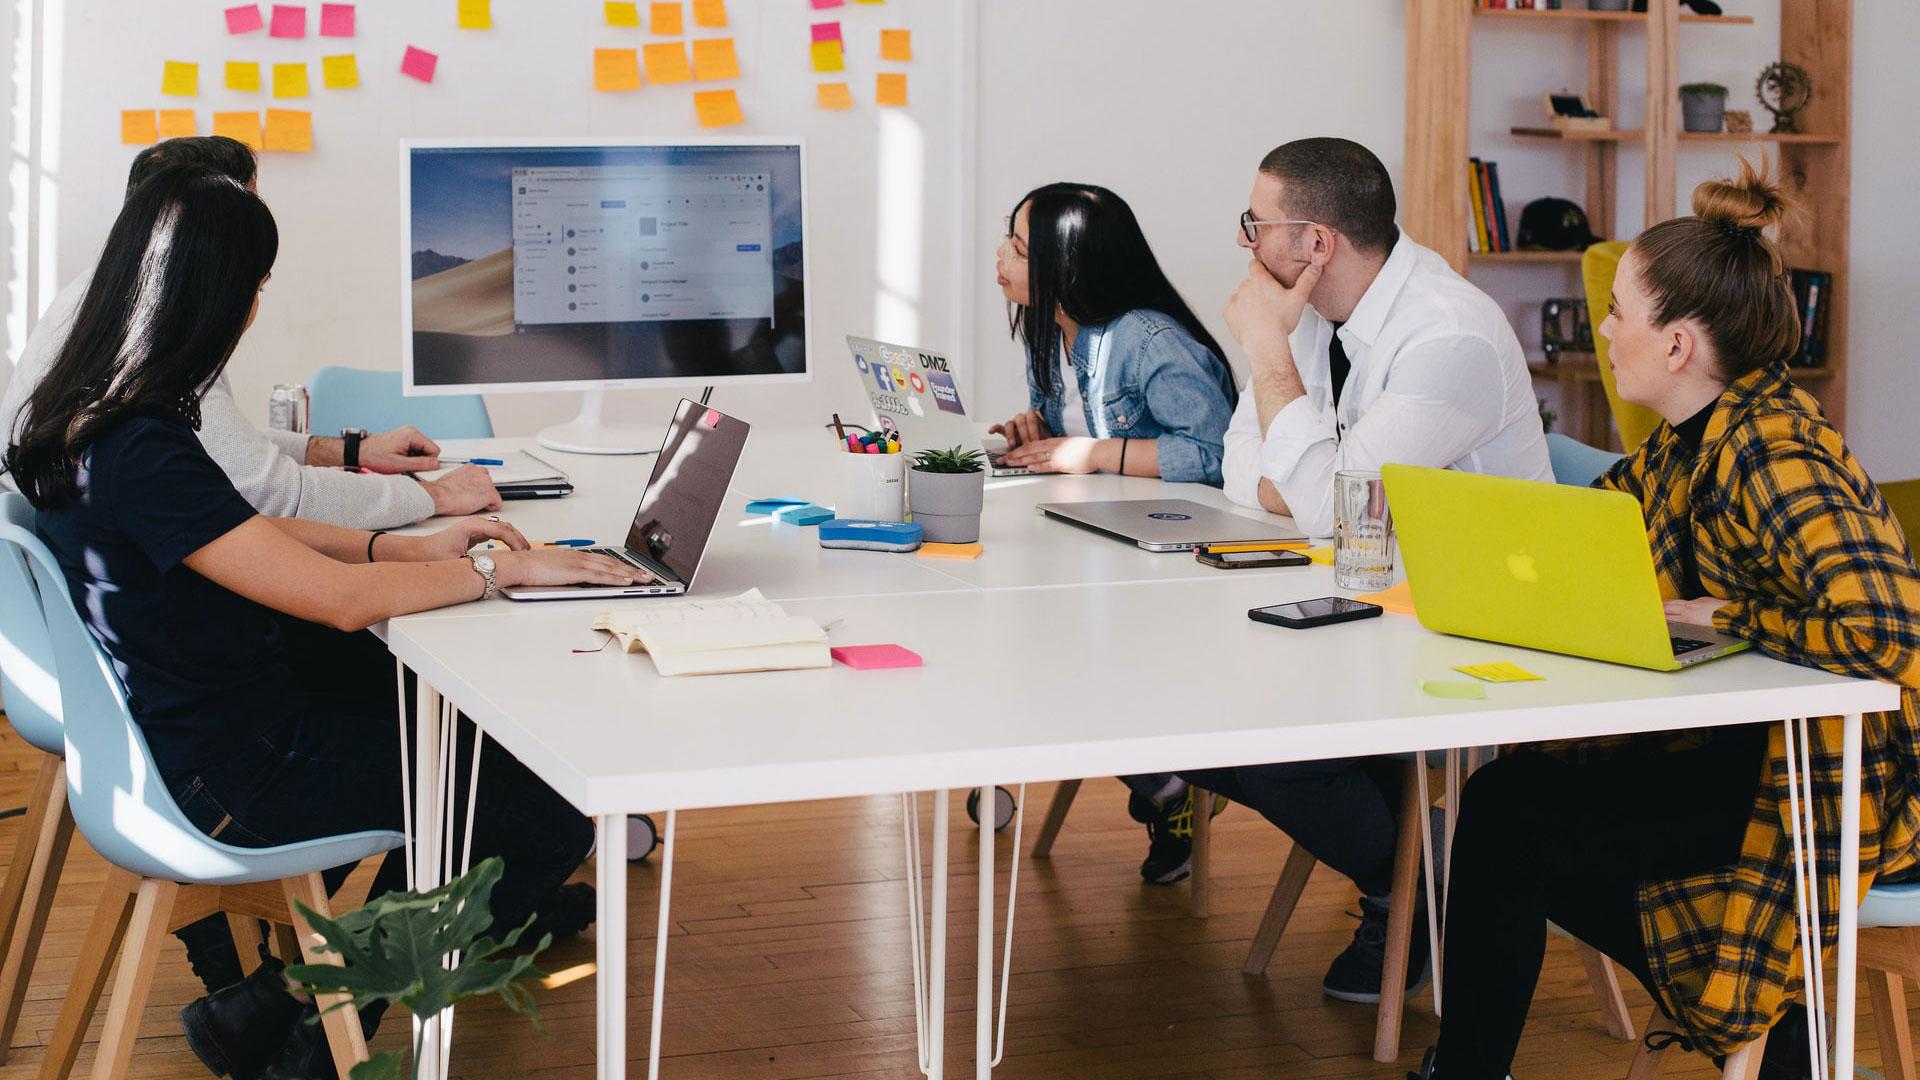 pessoas em reunião a olhar para um ecrã de computador